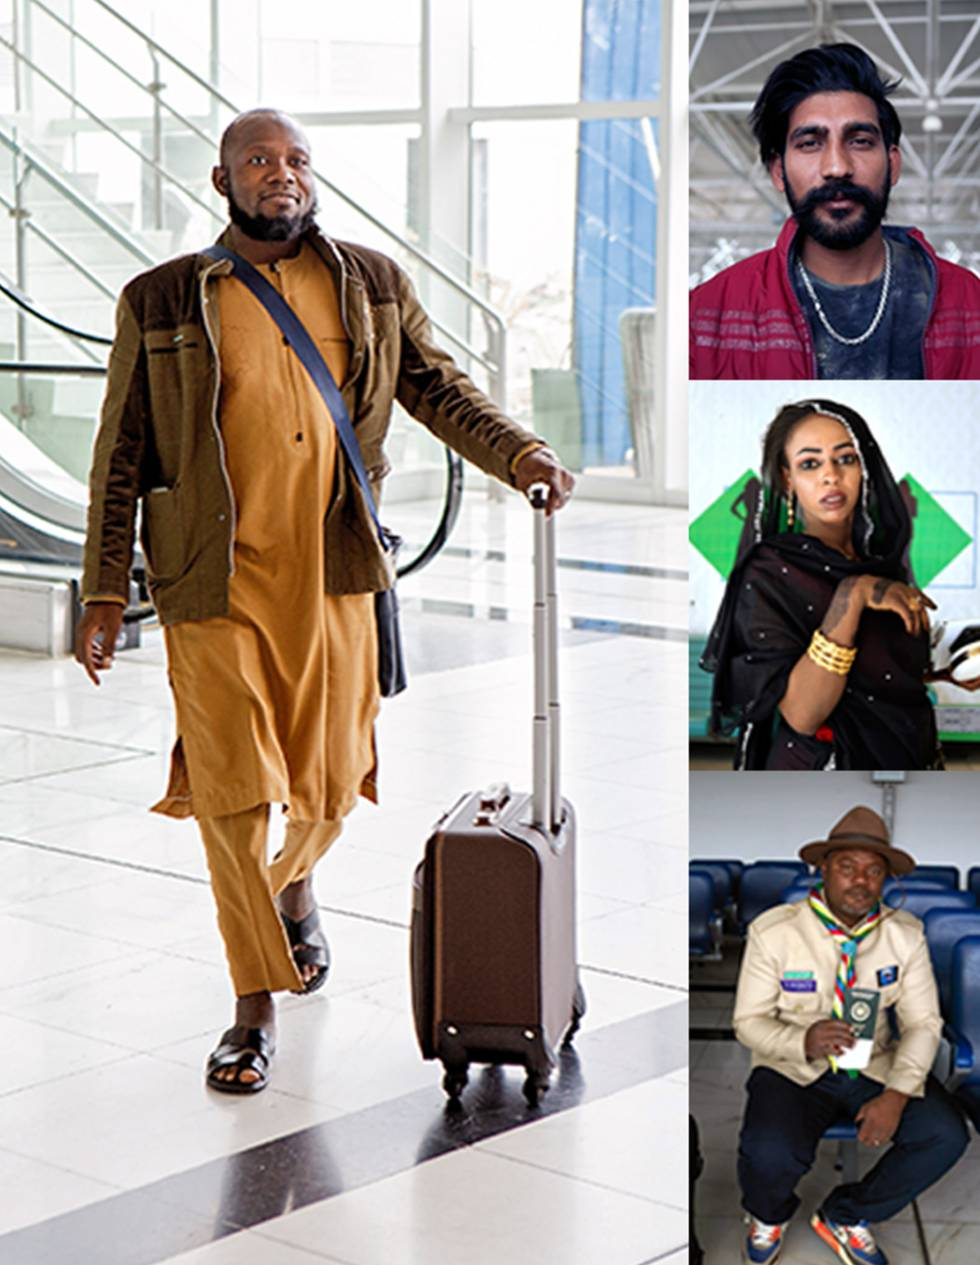 De izquierda a derecha, un viajero en la terminal nueva de Adis Abeba; un 'casco azul' indio, de viaje en la República Democrática de Congo; Zanaba Isa, una sudanesa en el aeropuerto de Adis Abeba, y Ibrahim Taki, un 'boy scout' de las islas Comoras.